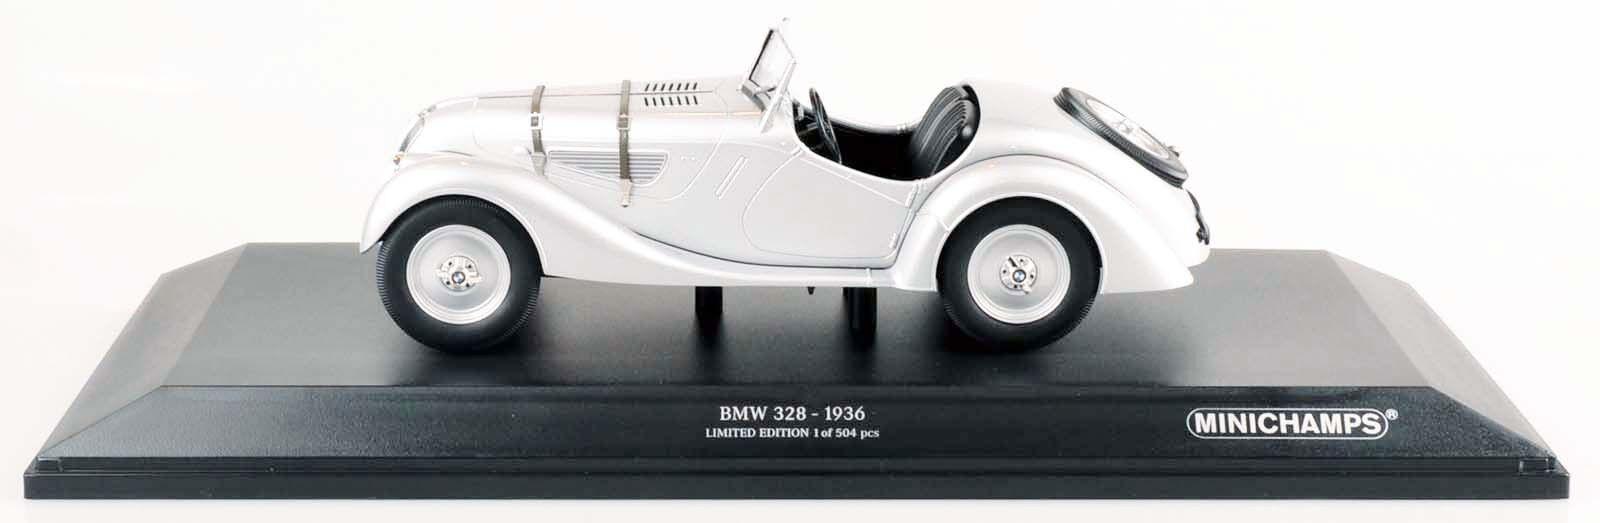 MINICHAMPS 155025030 BMW 328 - 1936 argent limitée à 504 pièce 1 18 Nouveau Neuf dans sa boîte